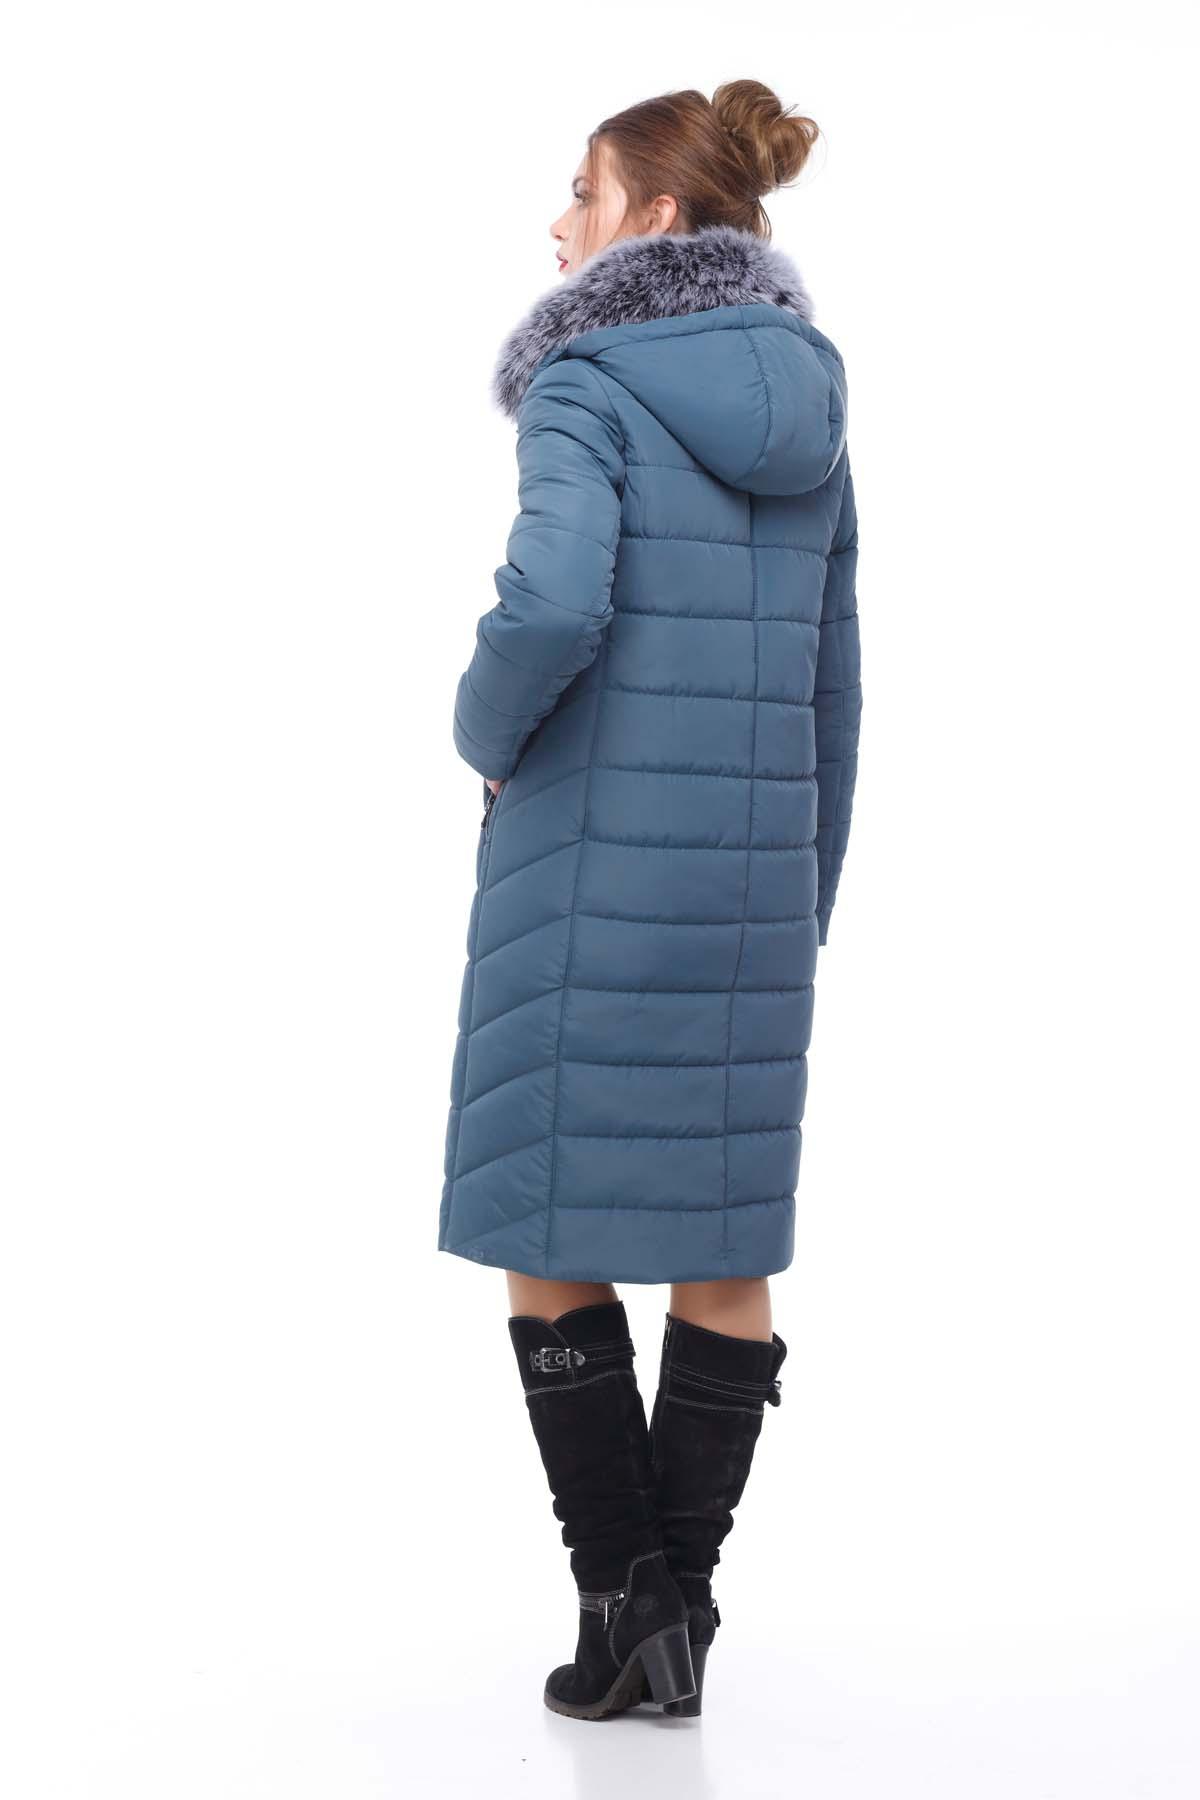 Зимове пальто стьогане Кім Зима, песець сіро-синій